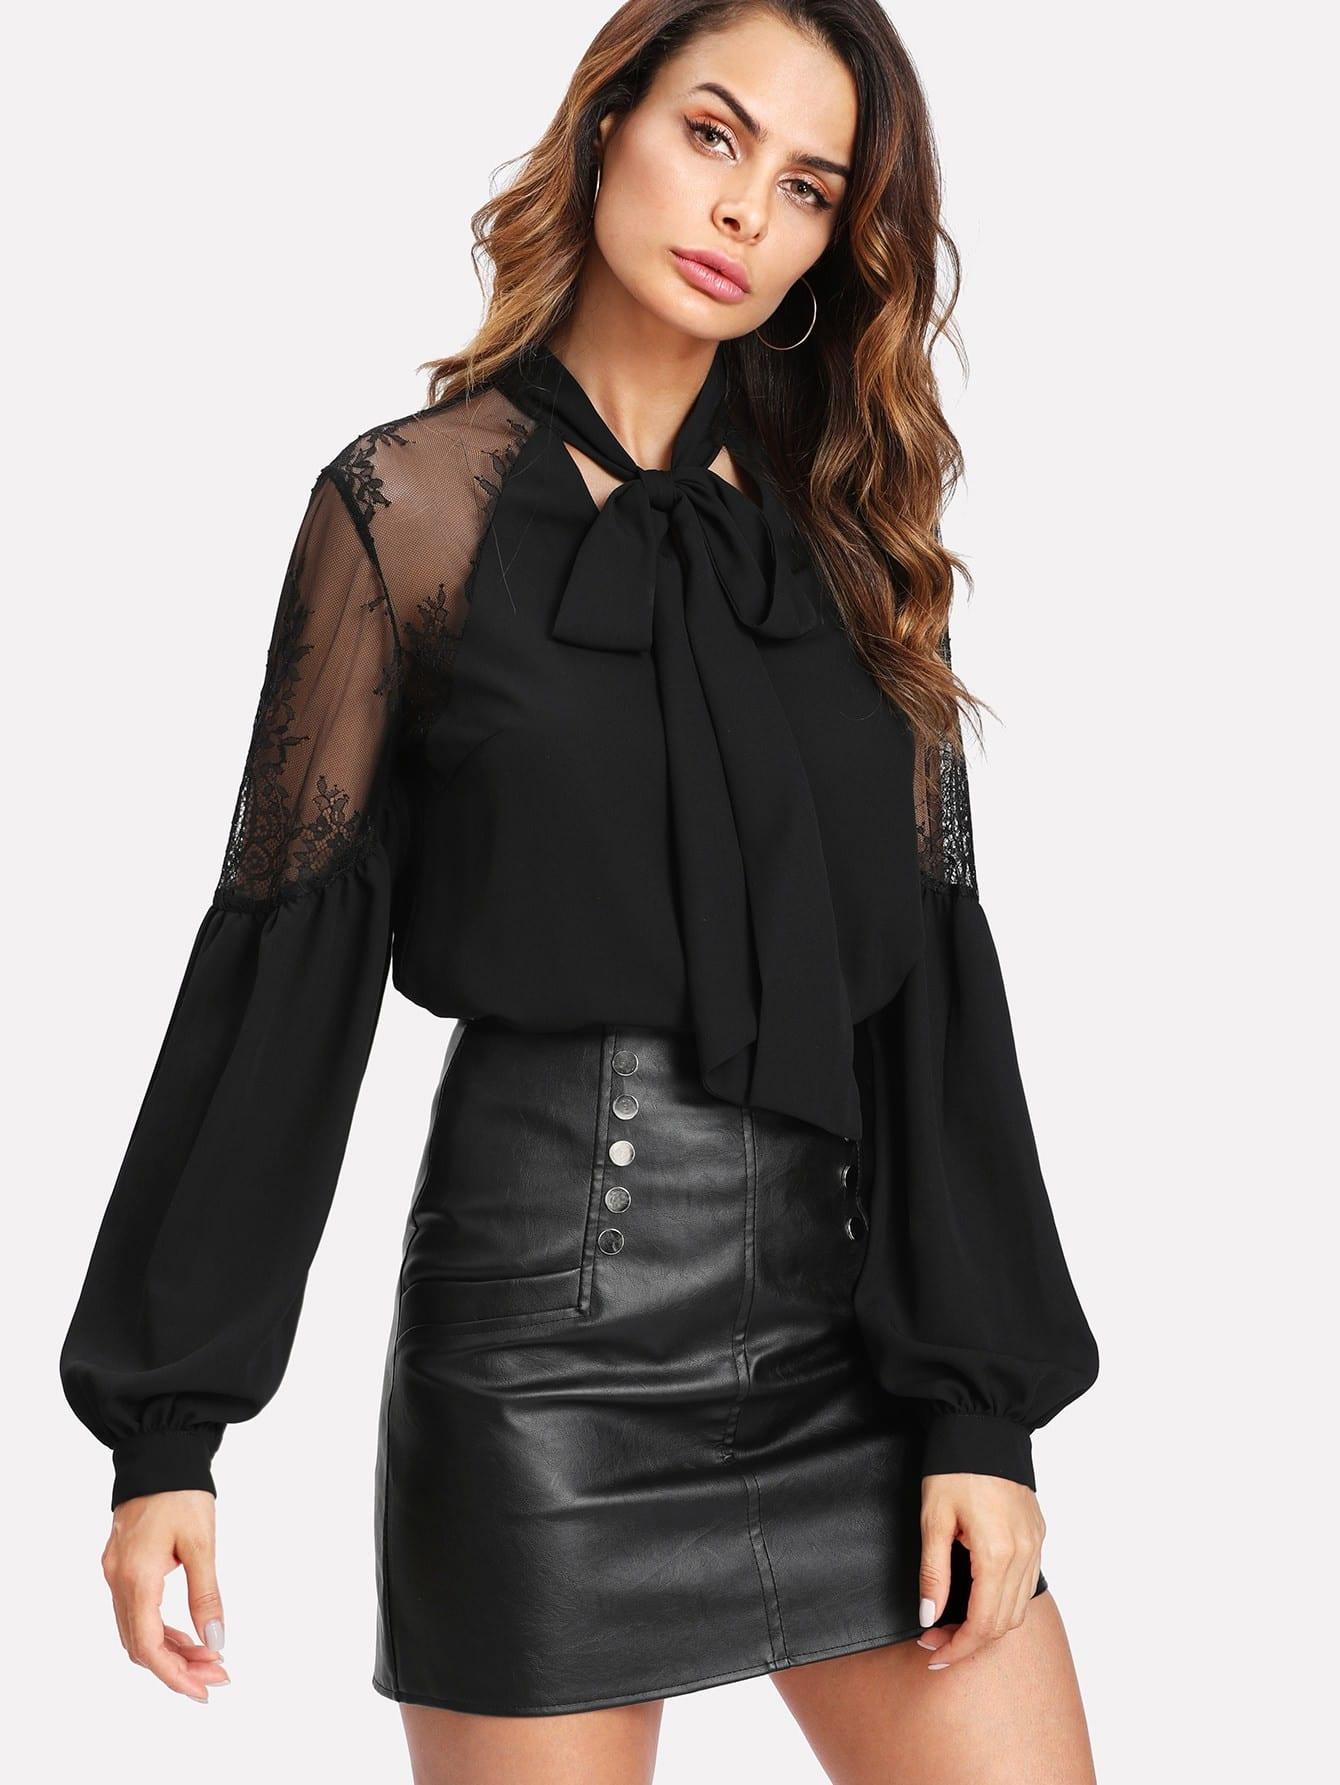 Купить Модная блуза с бантом и кружевной вставкой, рукав-фонарик, Andy, SheIn